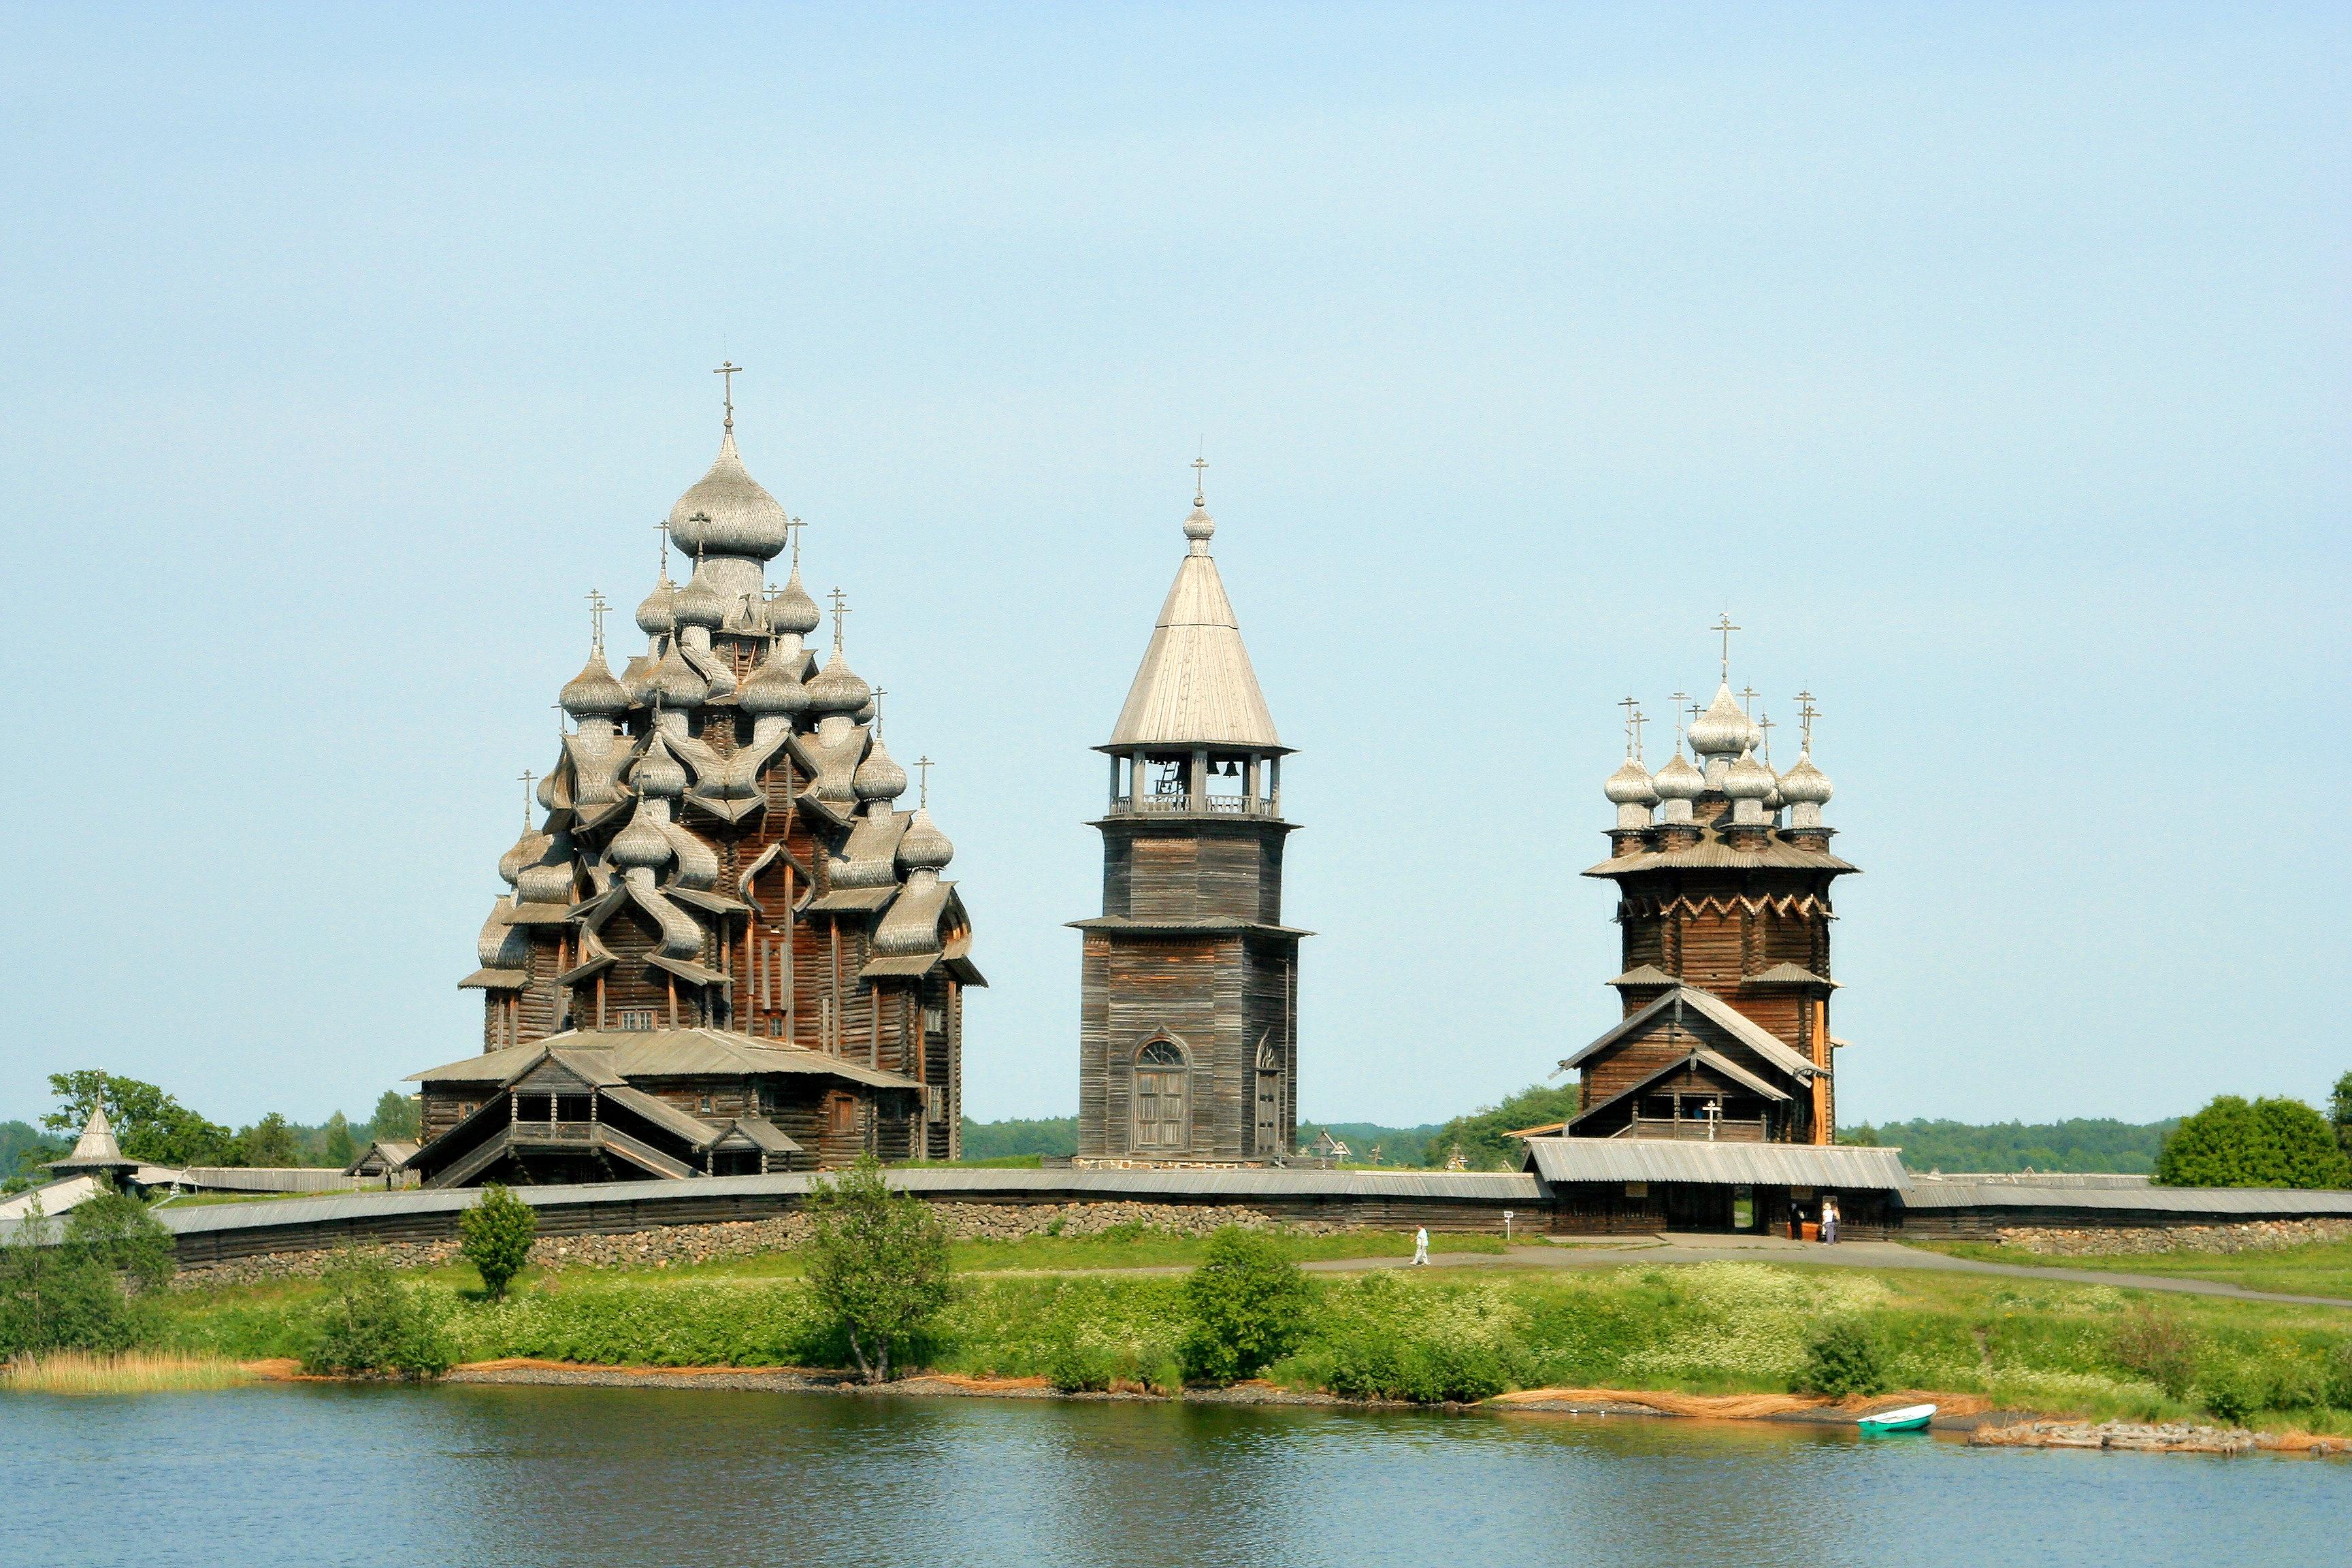 Кижи, или Кижский погост — всемирно известный архитектурный ансамбль, расположенный на острове Кижи